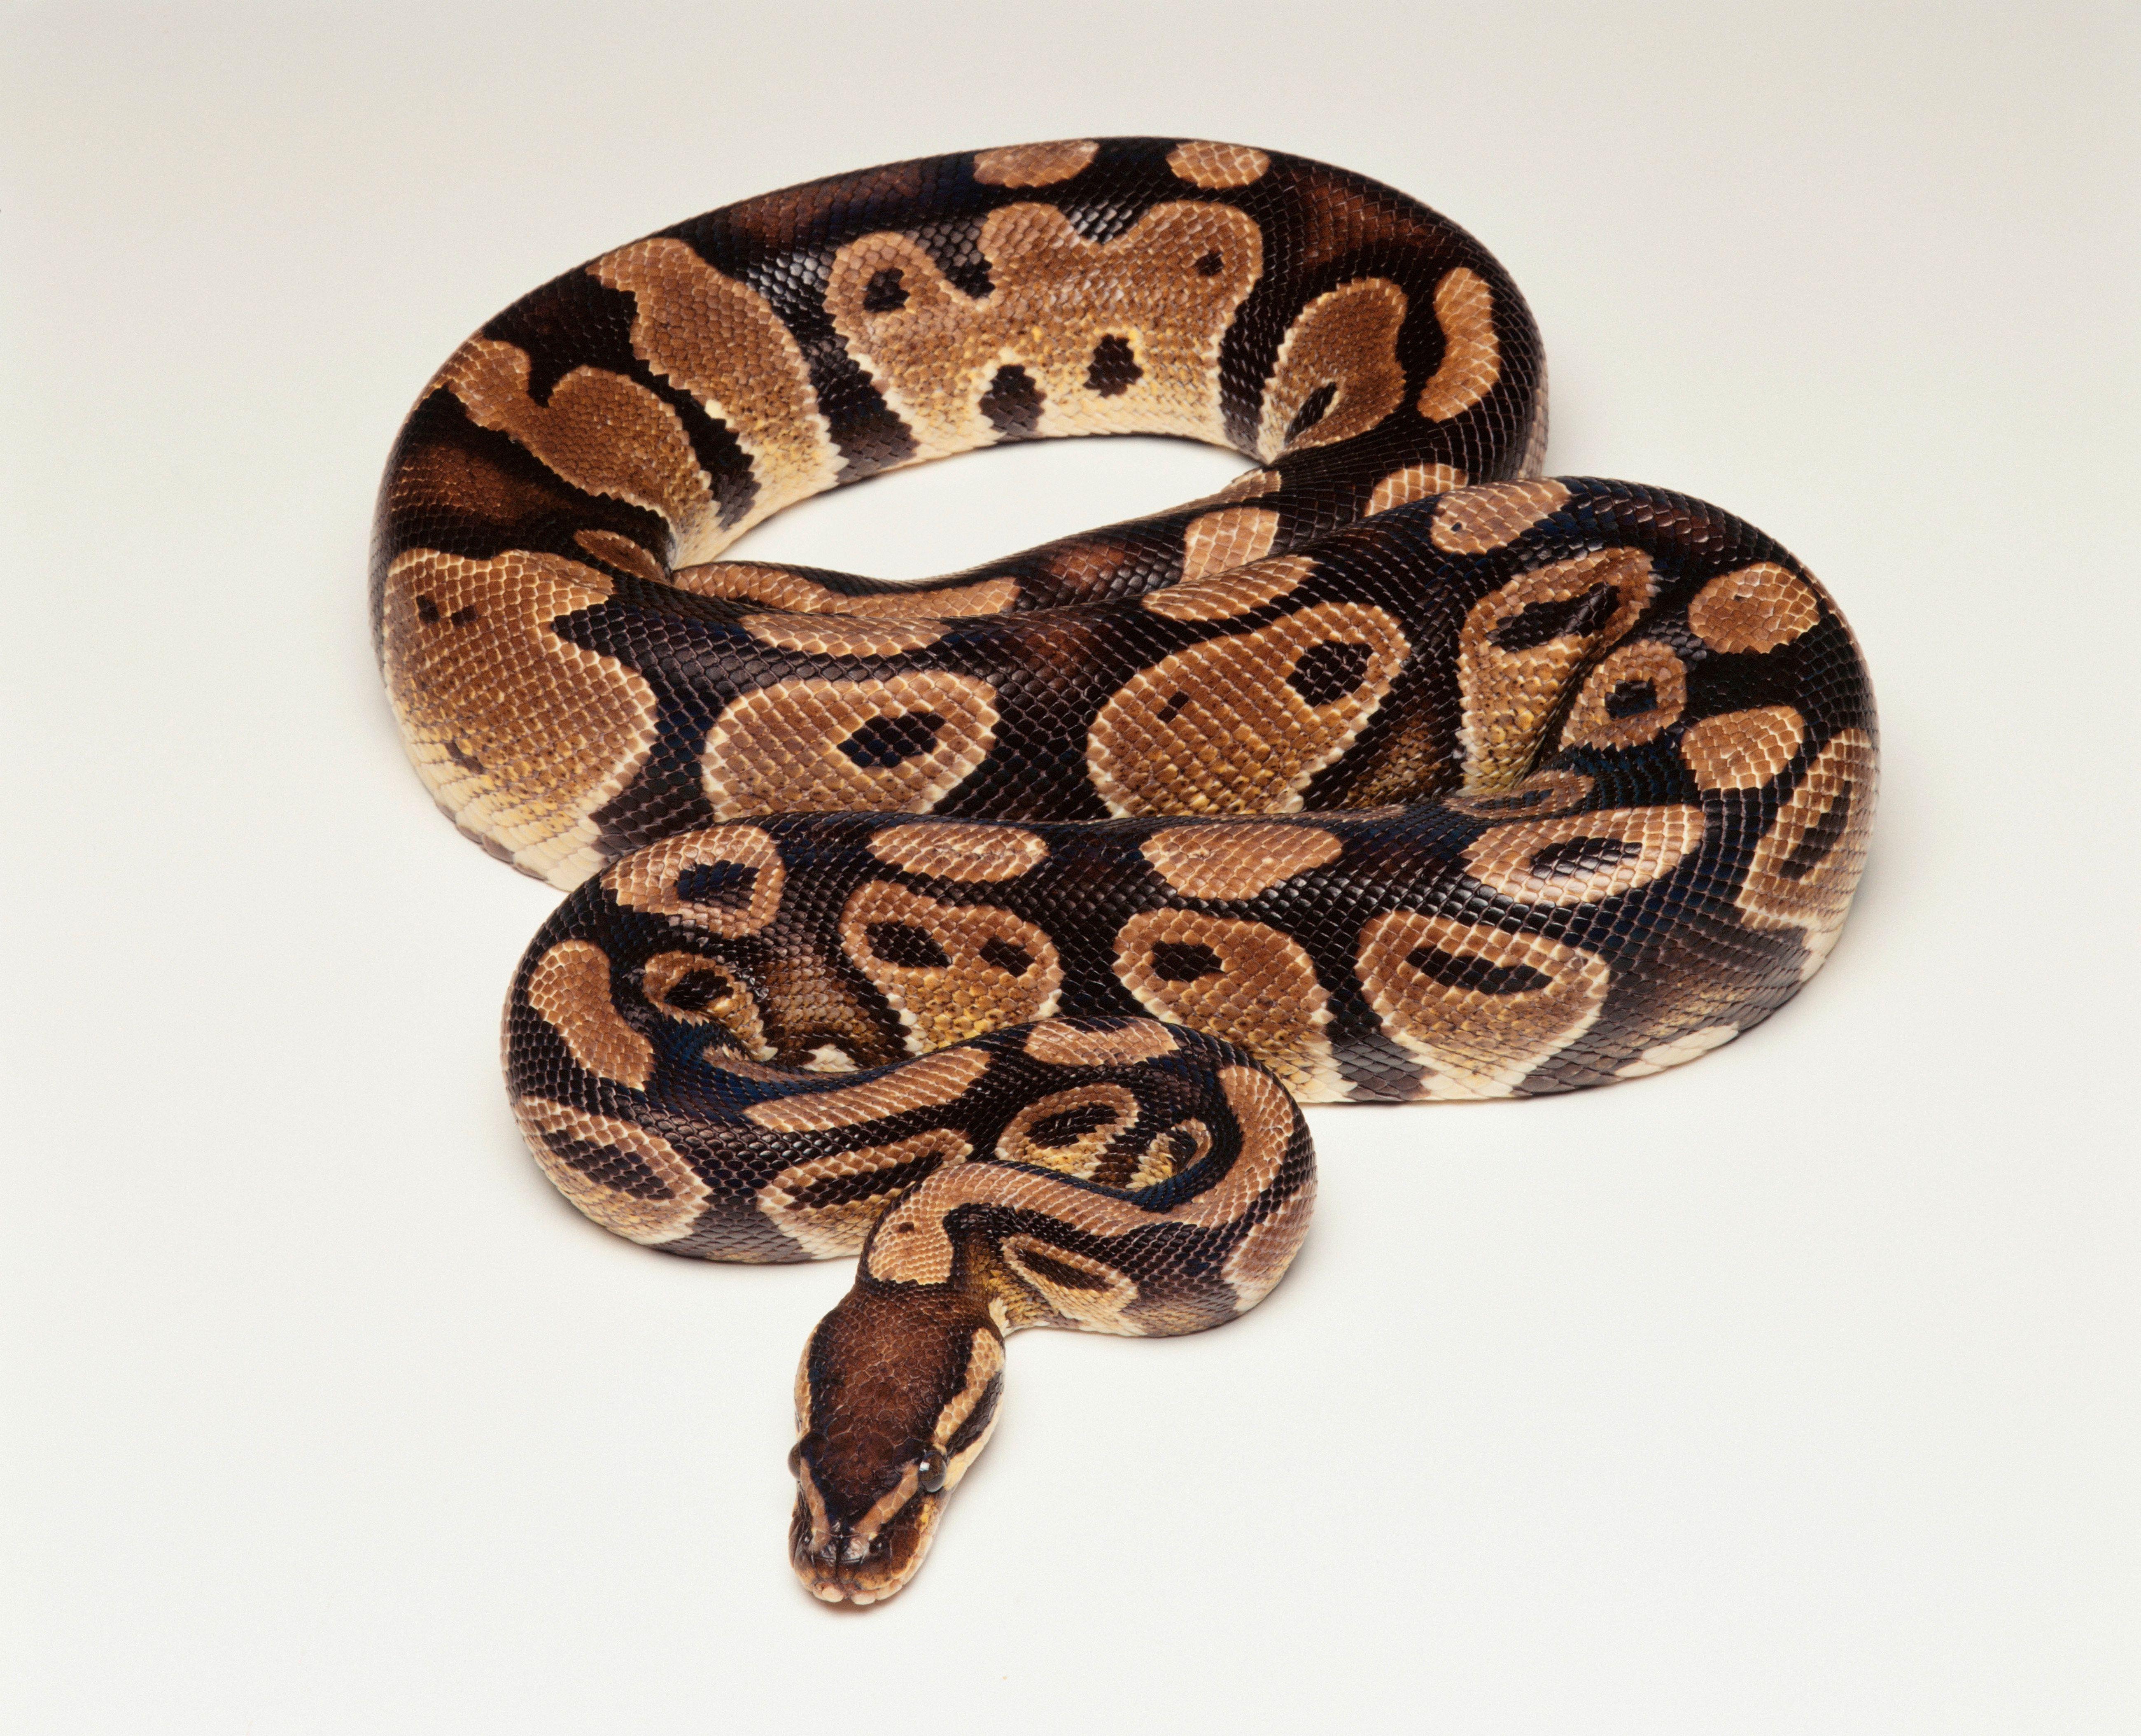 Royal Python / Ball Python (Python regius), foto de estudio